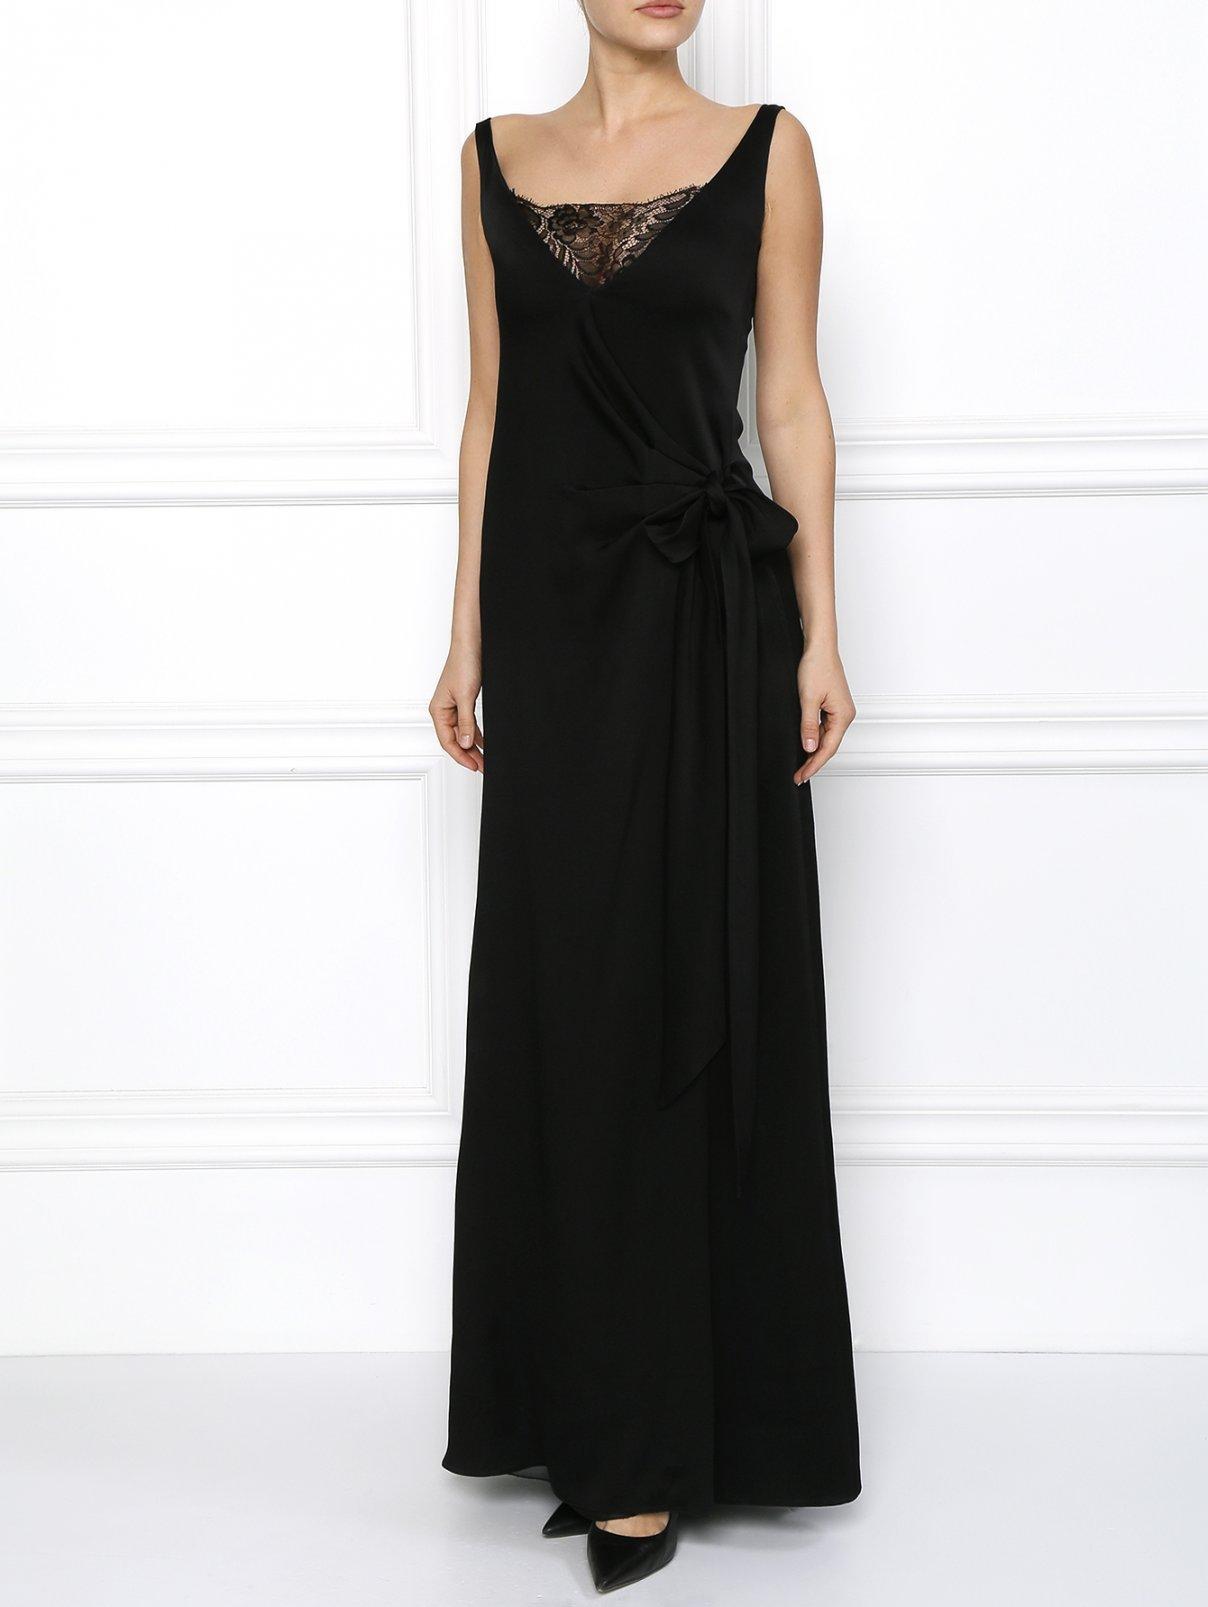 Платье в пол с кружевным декором Emporio Armani  –  Модель Общий вид